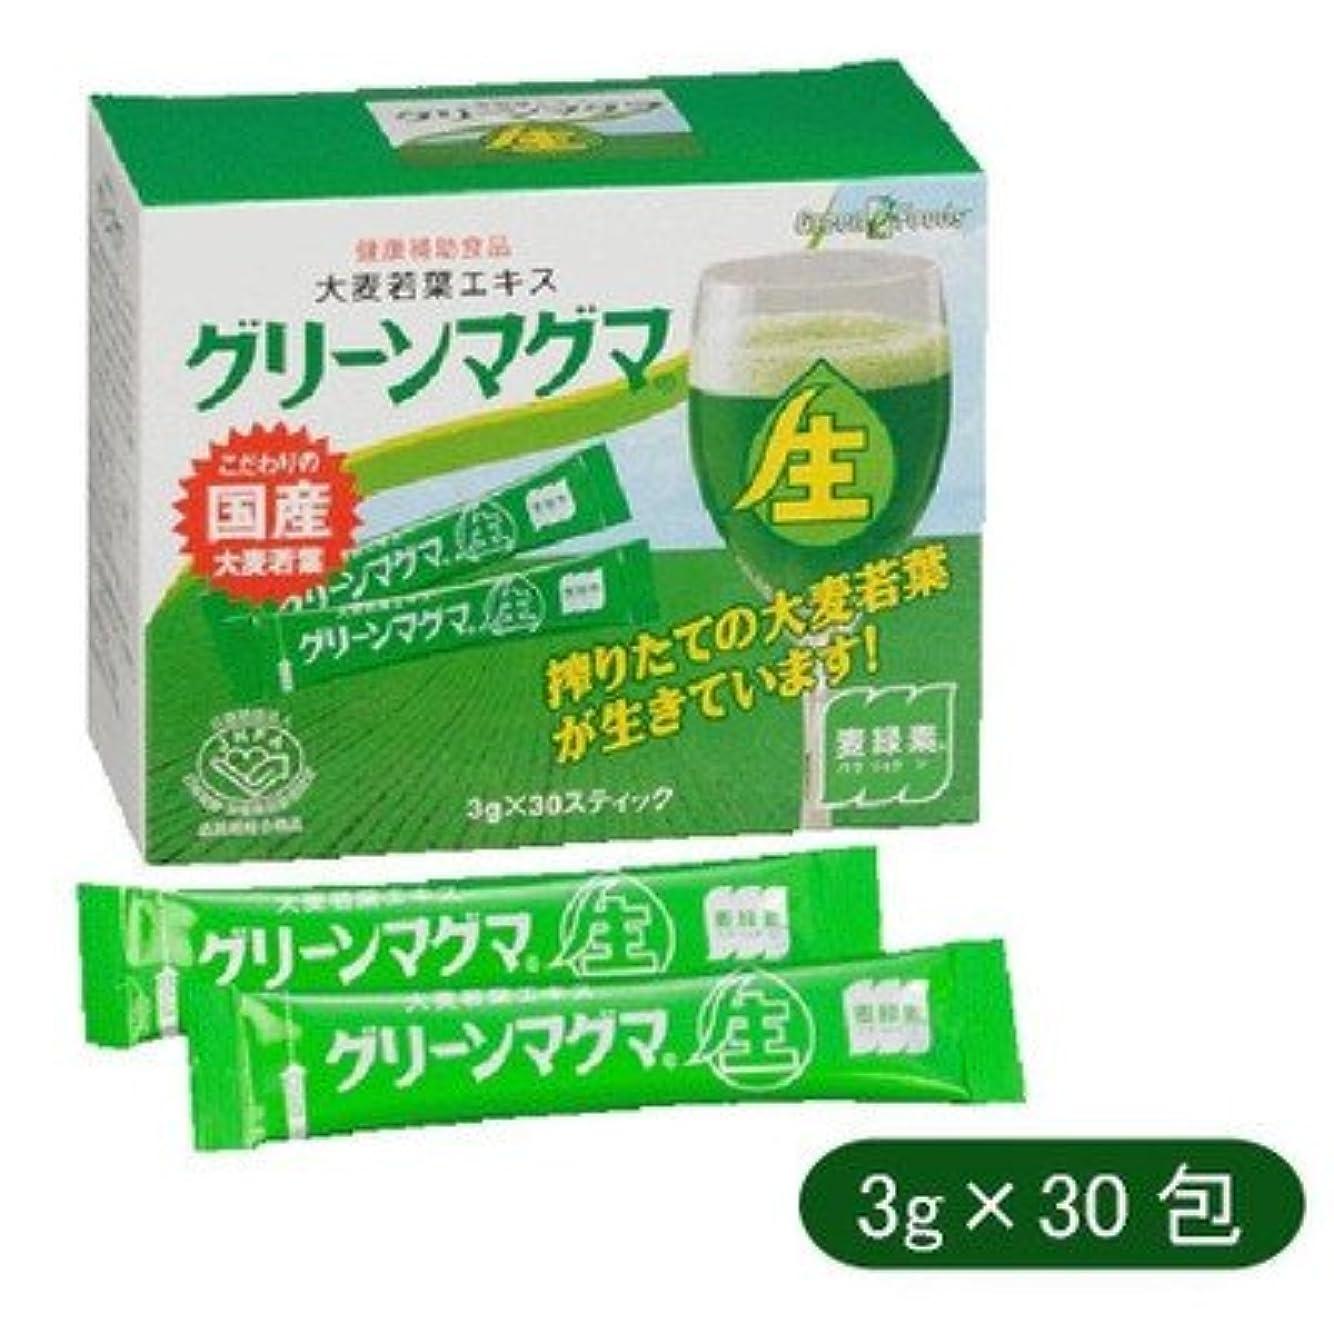 投票年金ドラゴン日本薬品開発 大麦若葉エキス グリーンマグマ 3g×30包 642670